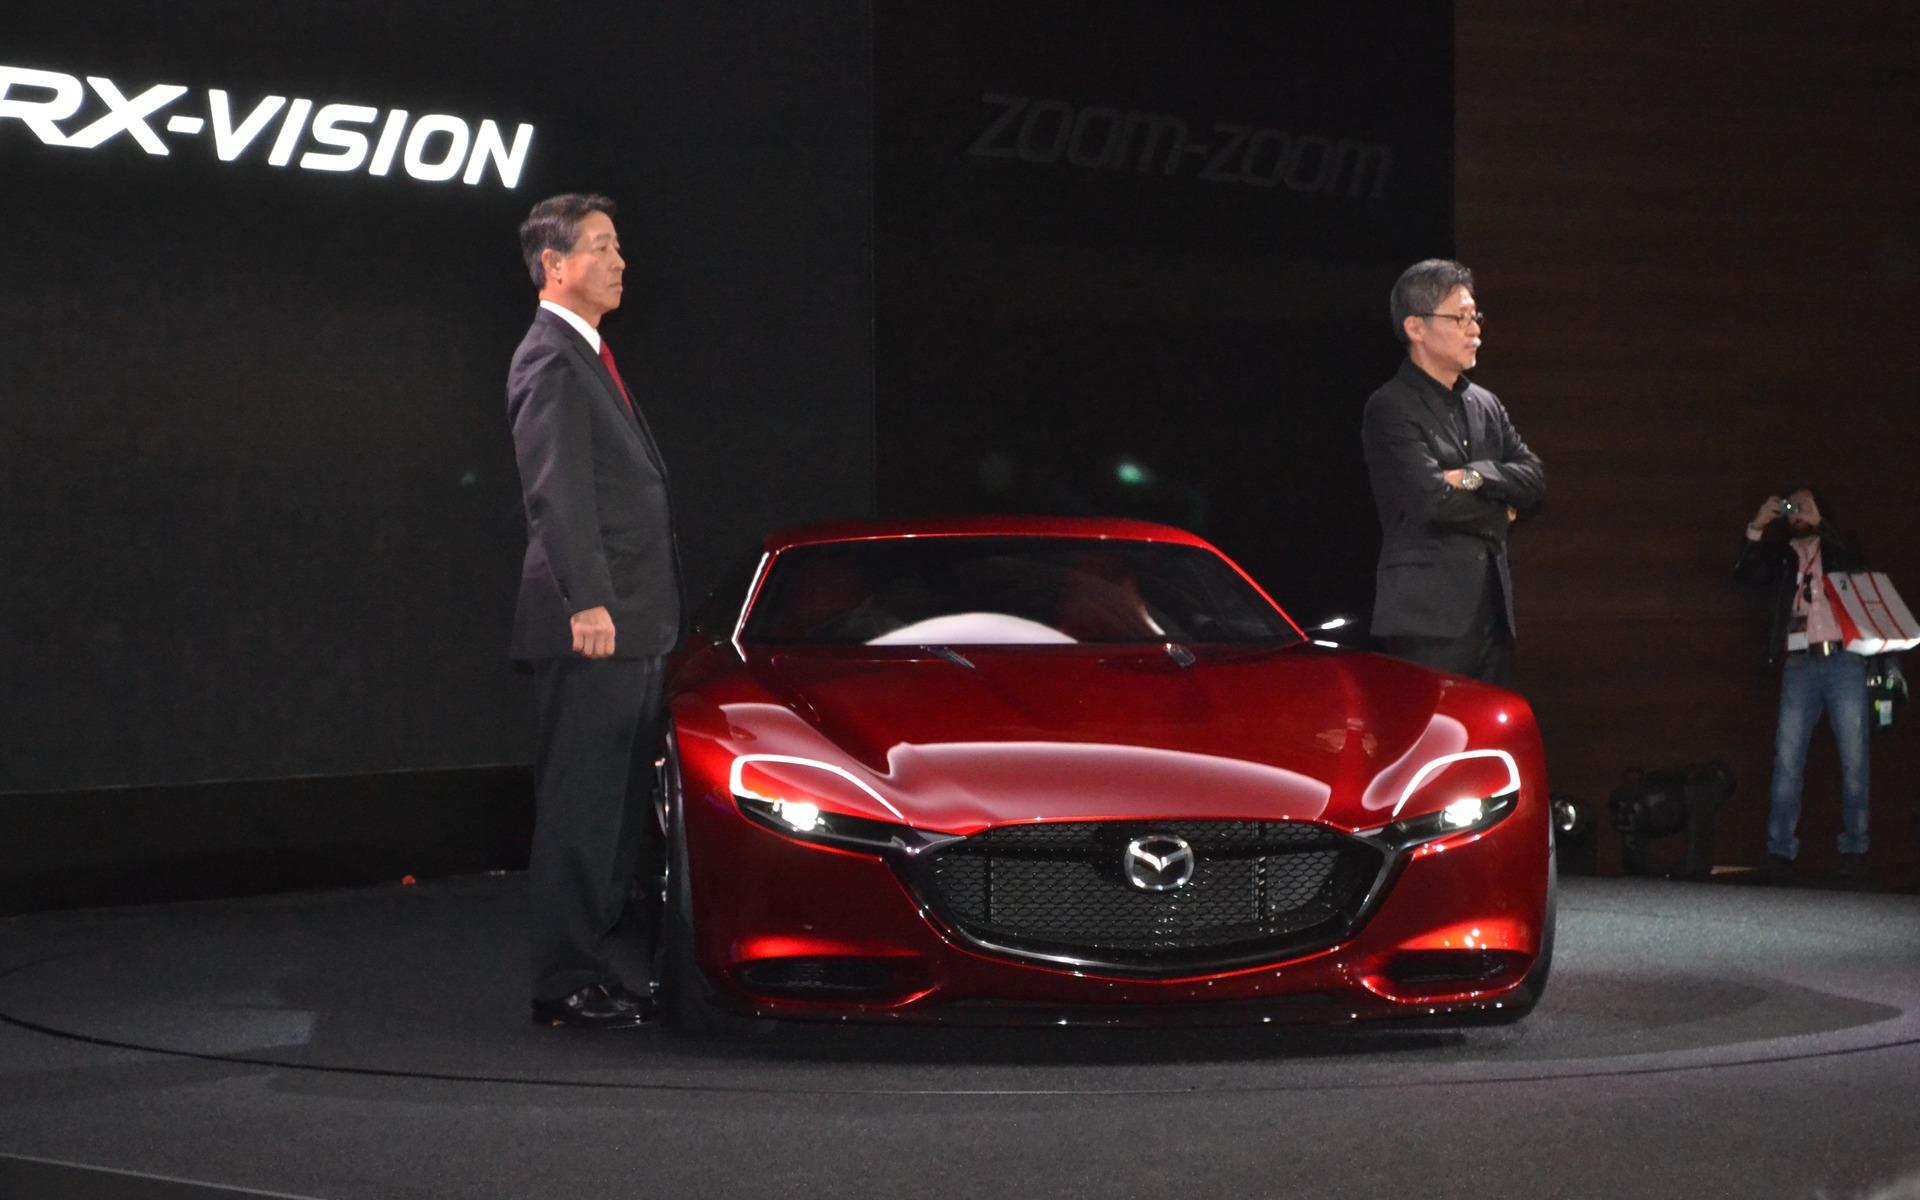 Mazda RX-9 2019, MUA BÁN XE Mazda RX-9 2019, ĐÁNH GIÁ XE Mazda RX-9 2019, CHI TIẾT XE Mazda RX-9 2019, Mazda RX-9 2019 GIÁ BAO NHIÊU